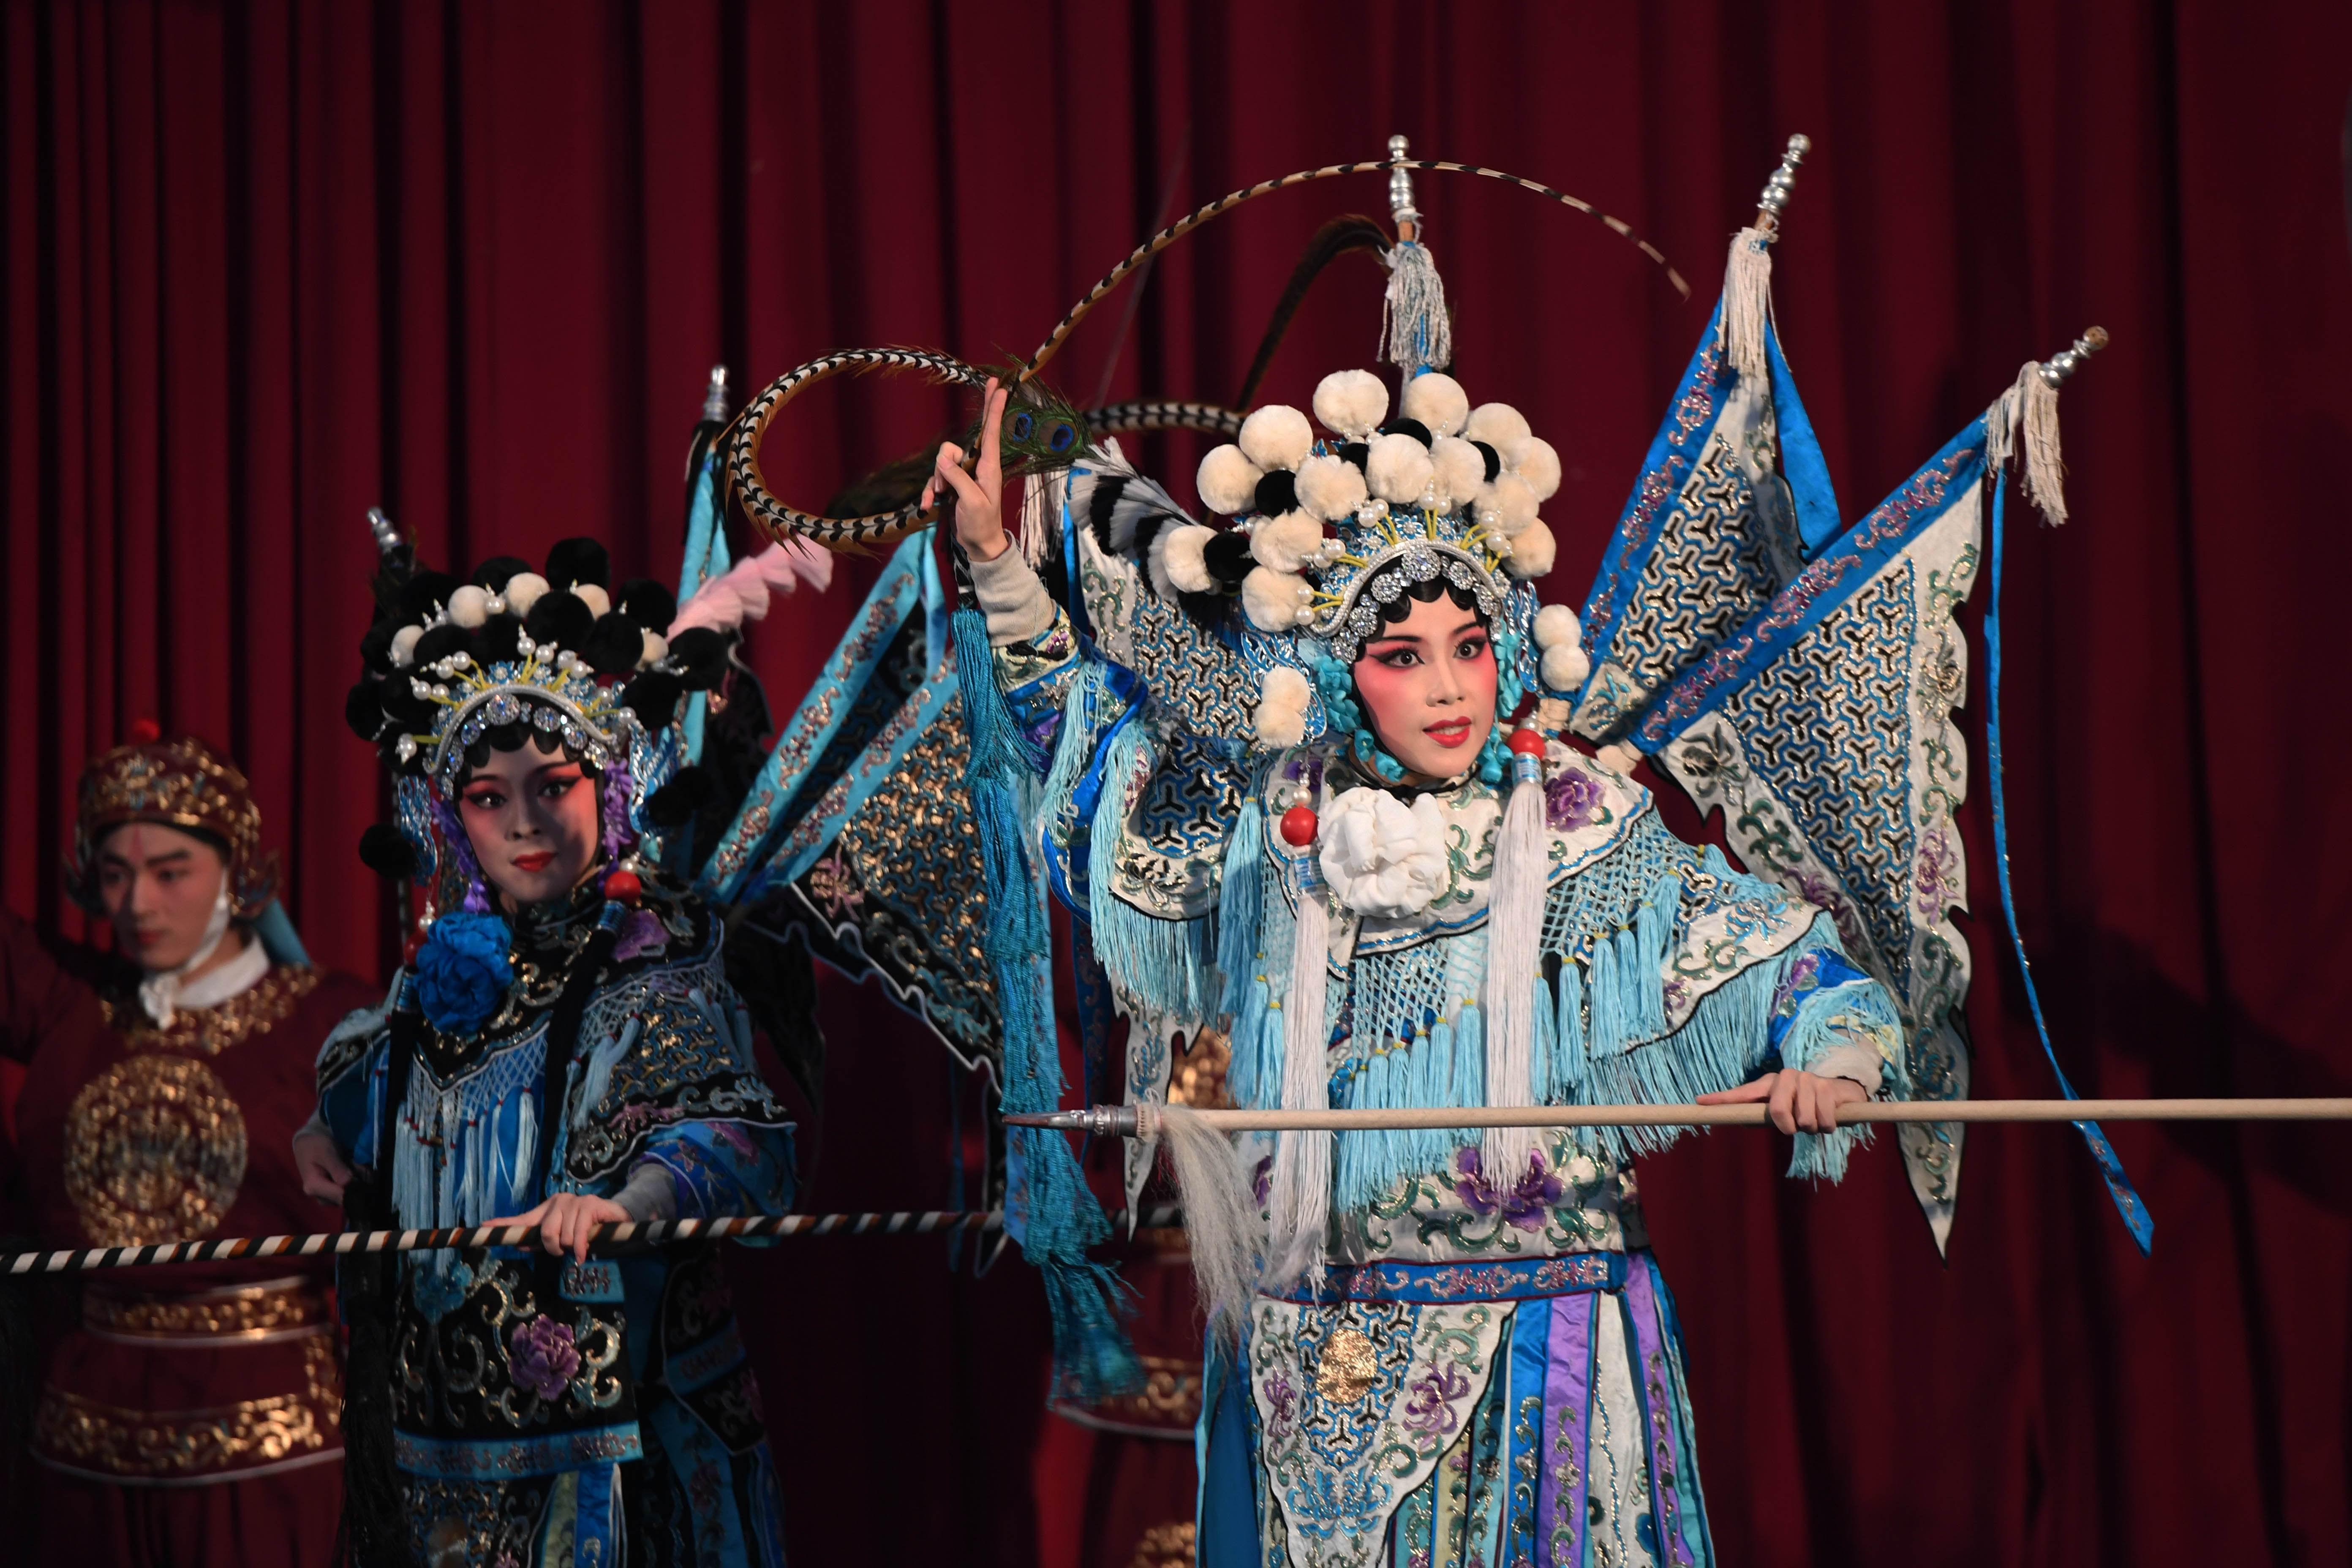 2016年10月22日,厦门歌仔戏剧团演员在金门表演歌仔戏《杨门女将》。(新华社记者 朱祥摄)